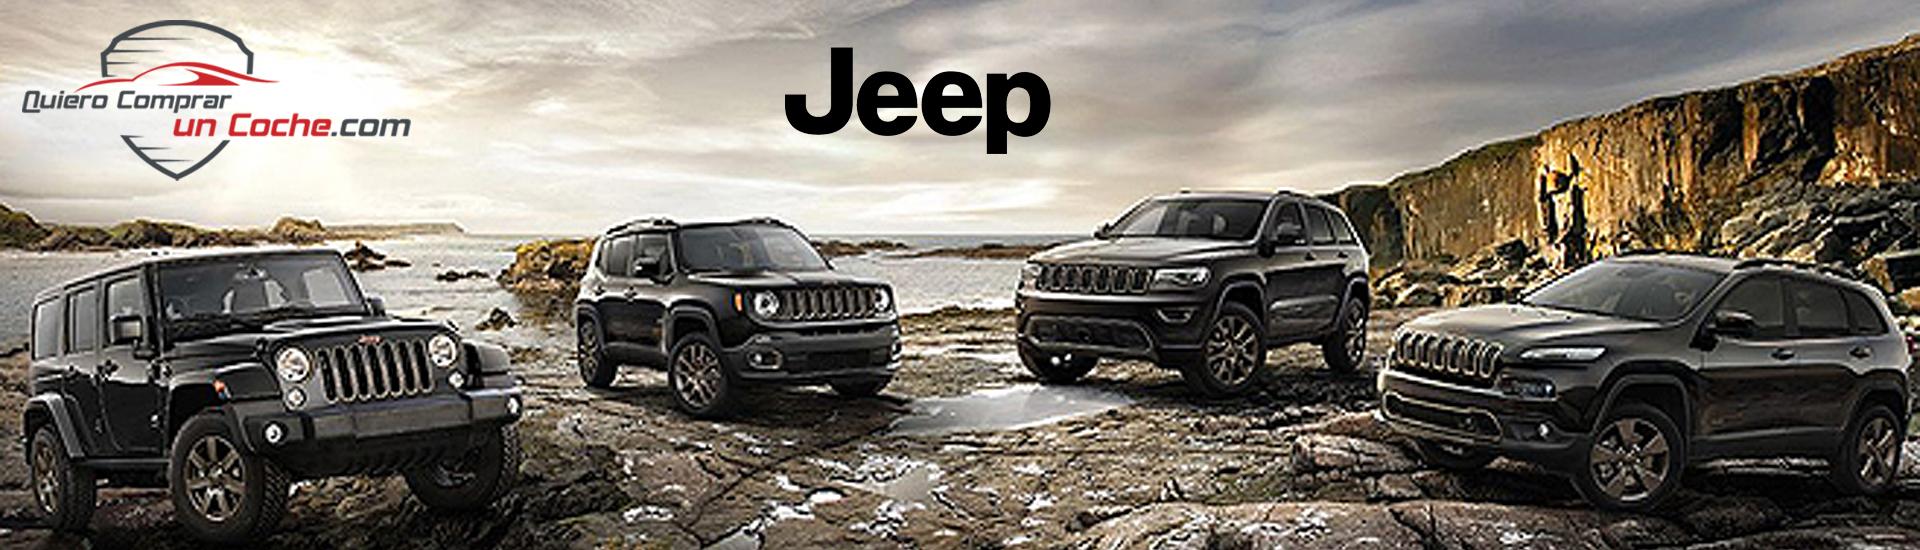 Jeep Madrid Quiero Comprar un Coche Nuevo Km0 Seminuevo Ajalvir Torrejon